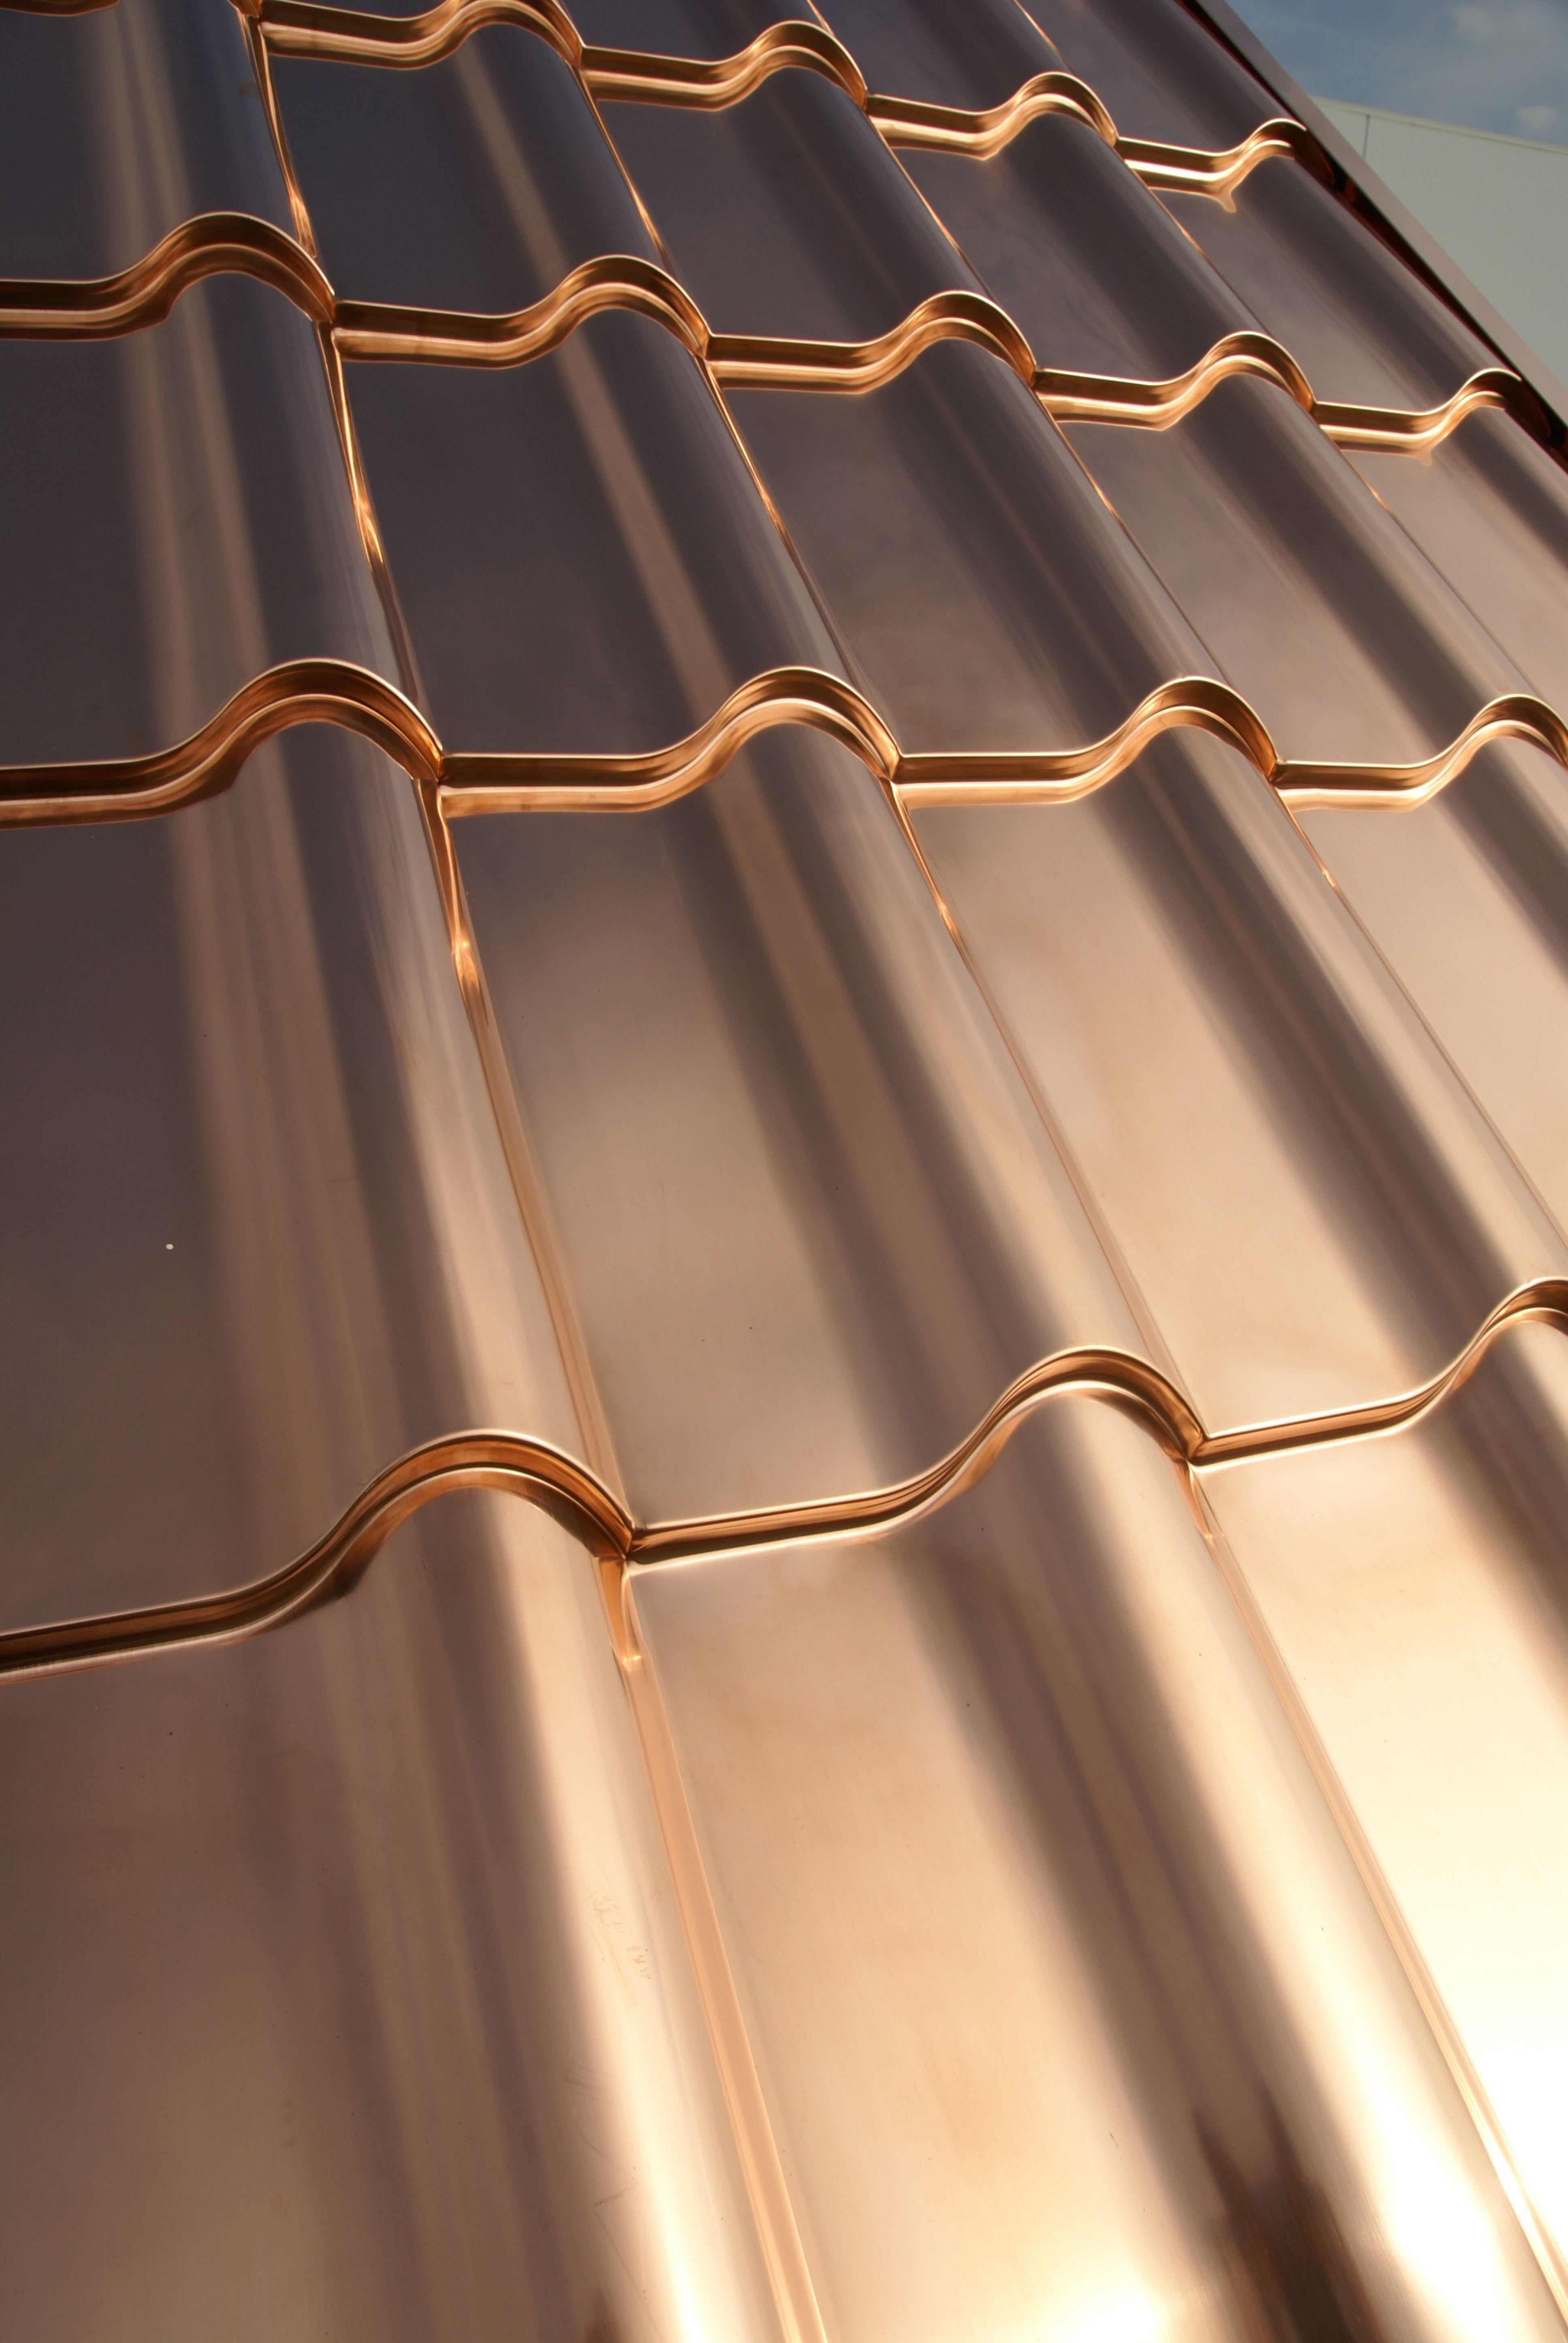 Solid Copper Roofing Copper Roof Copper Roof House Metal Roof